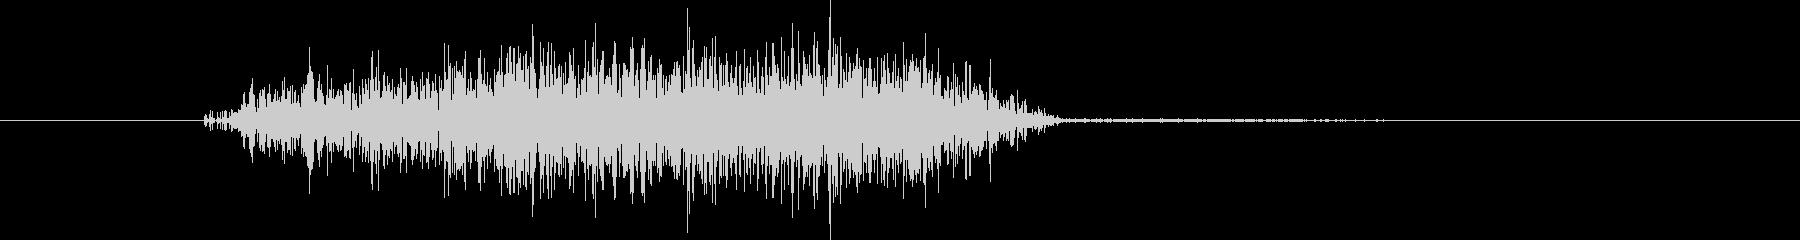 ギュイッ(モーター、ロボット、動く)の未再生の波形